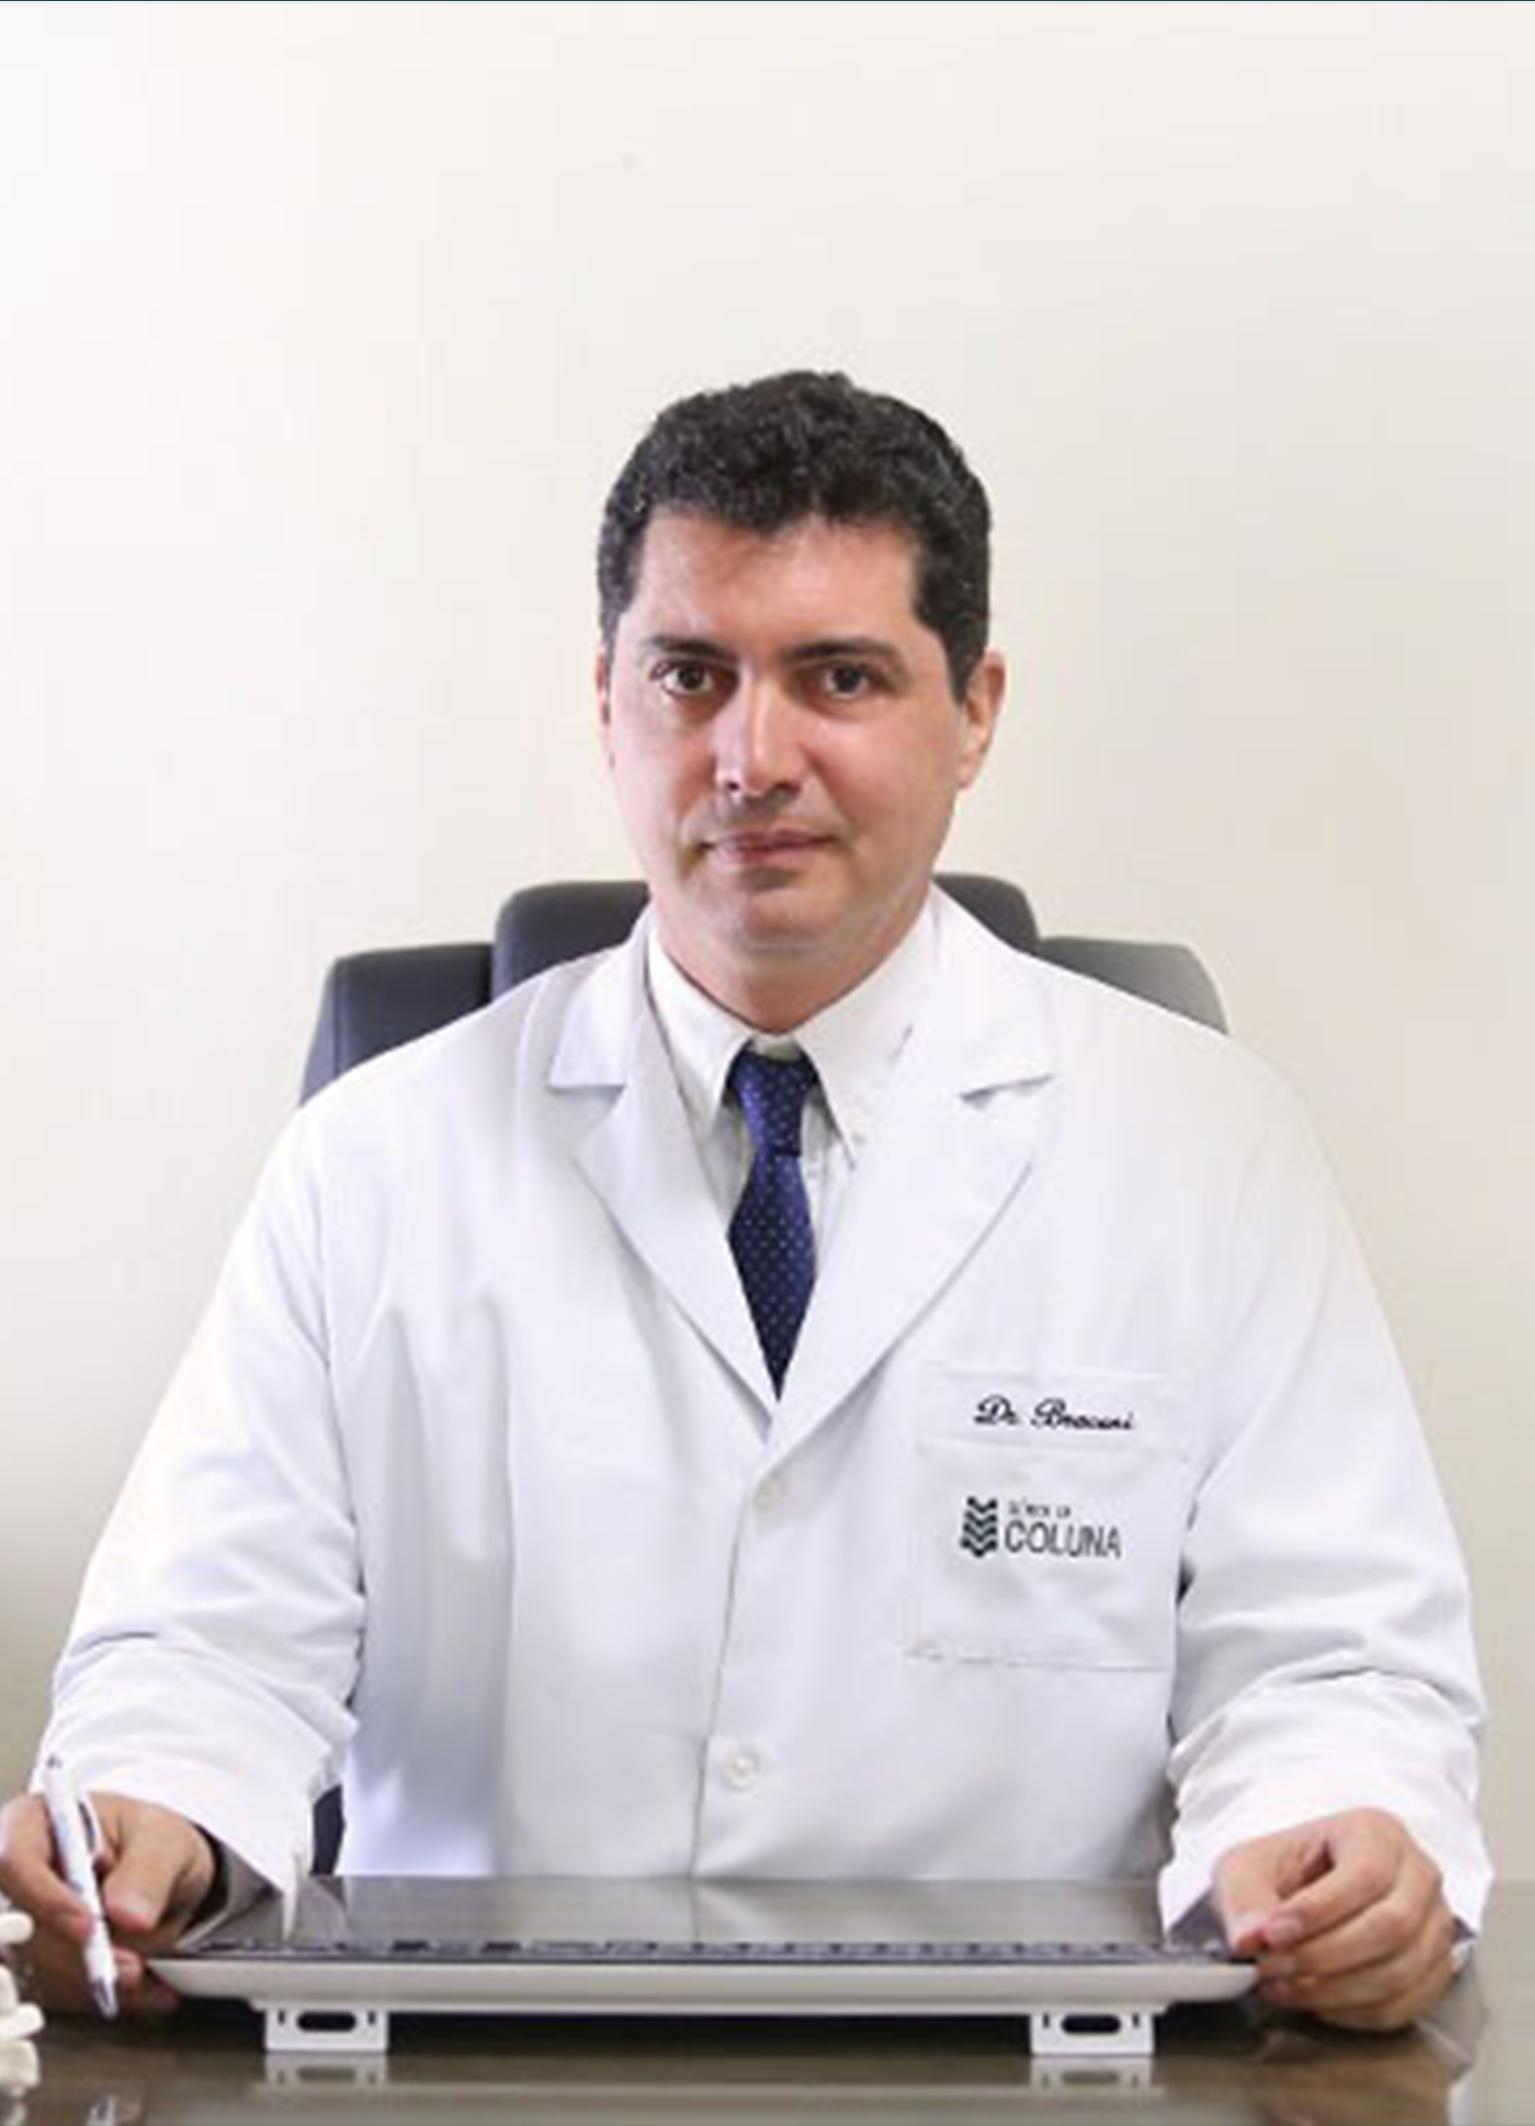 Dr. Antonio Carlos Monteiro Braconi